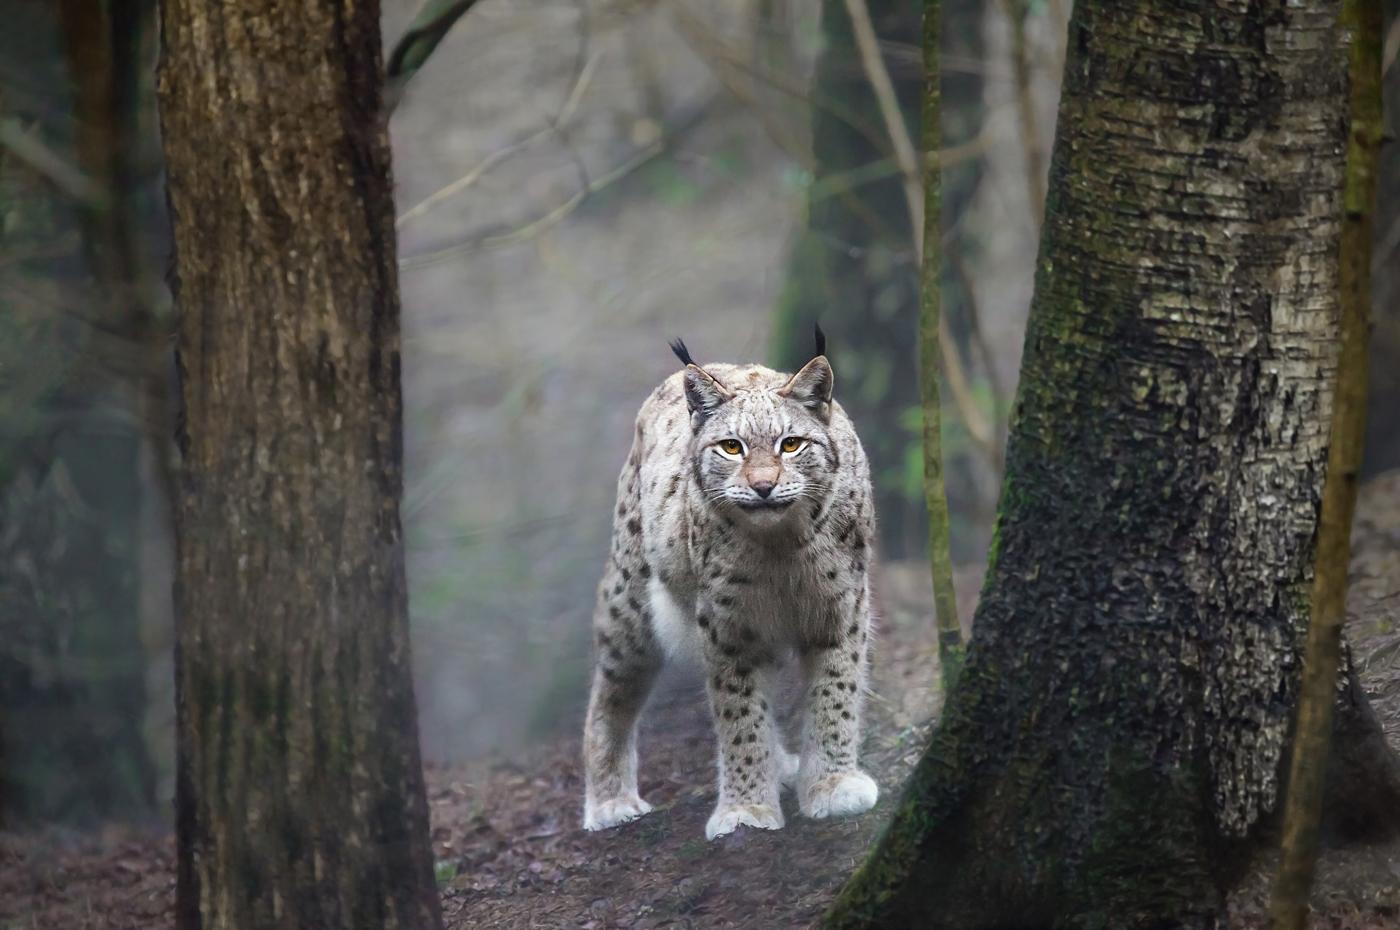 Рысь снята в Национальном парке Гауя.